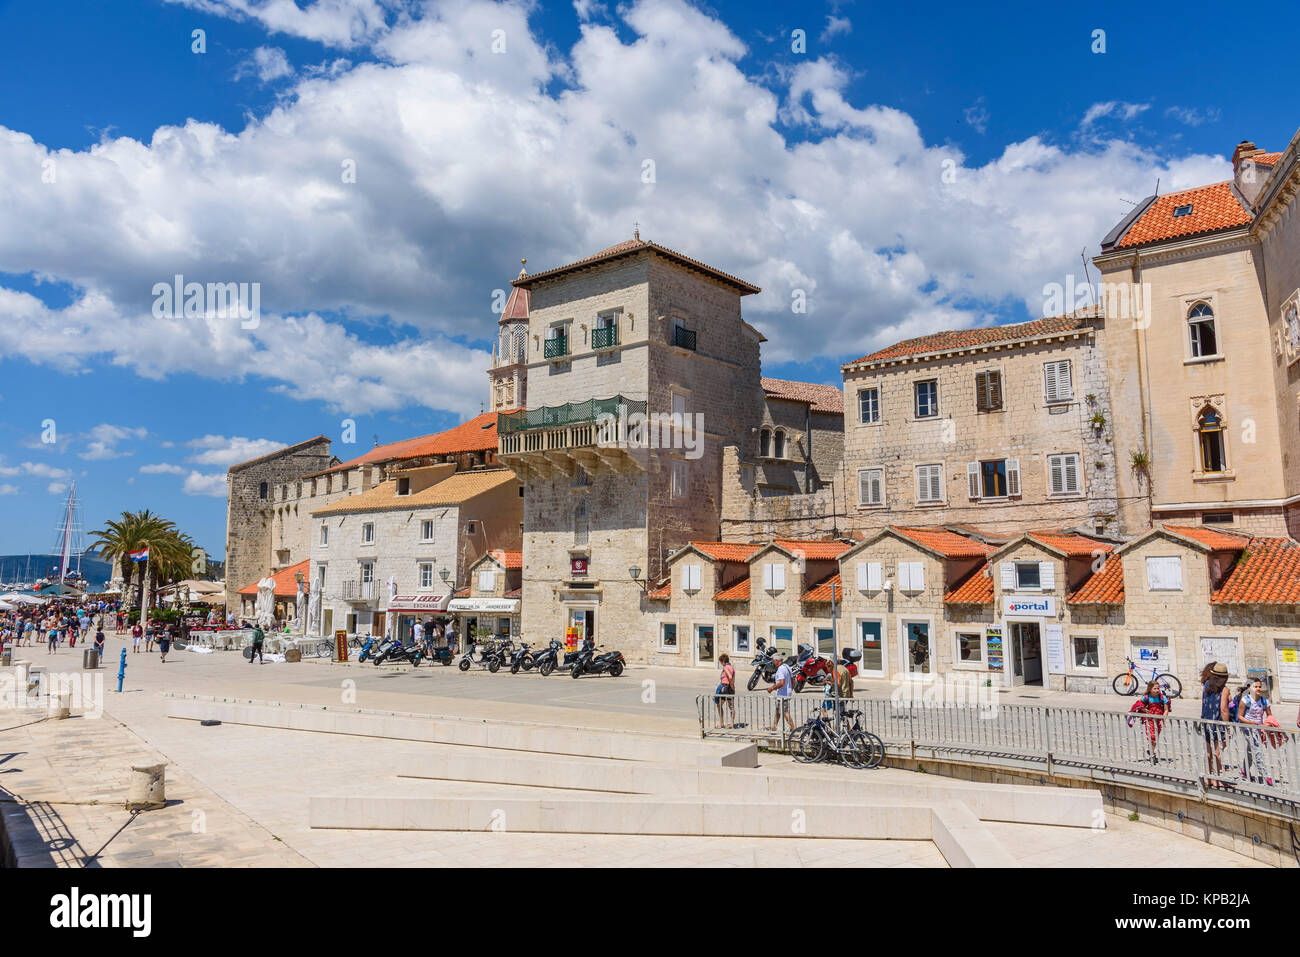 Centro storico di Traù, Croazia Immagini Stock